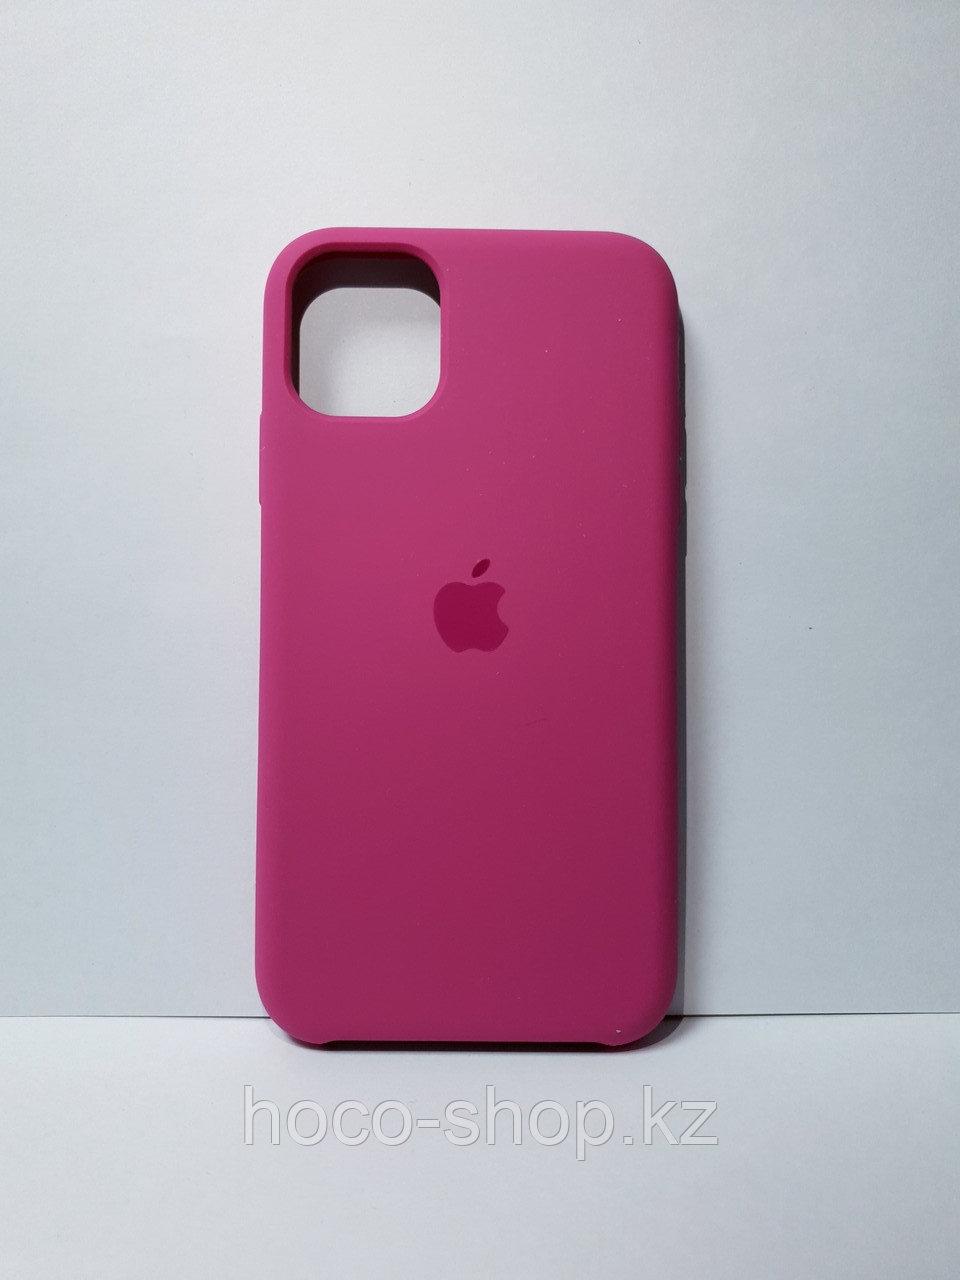 Защитный чехол для iPhone 11 Pro Soft Touch силиконовый, темно розовый